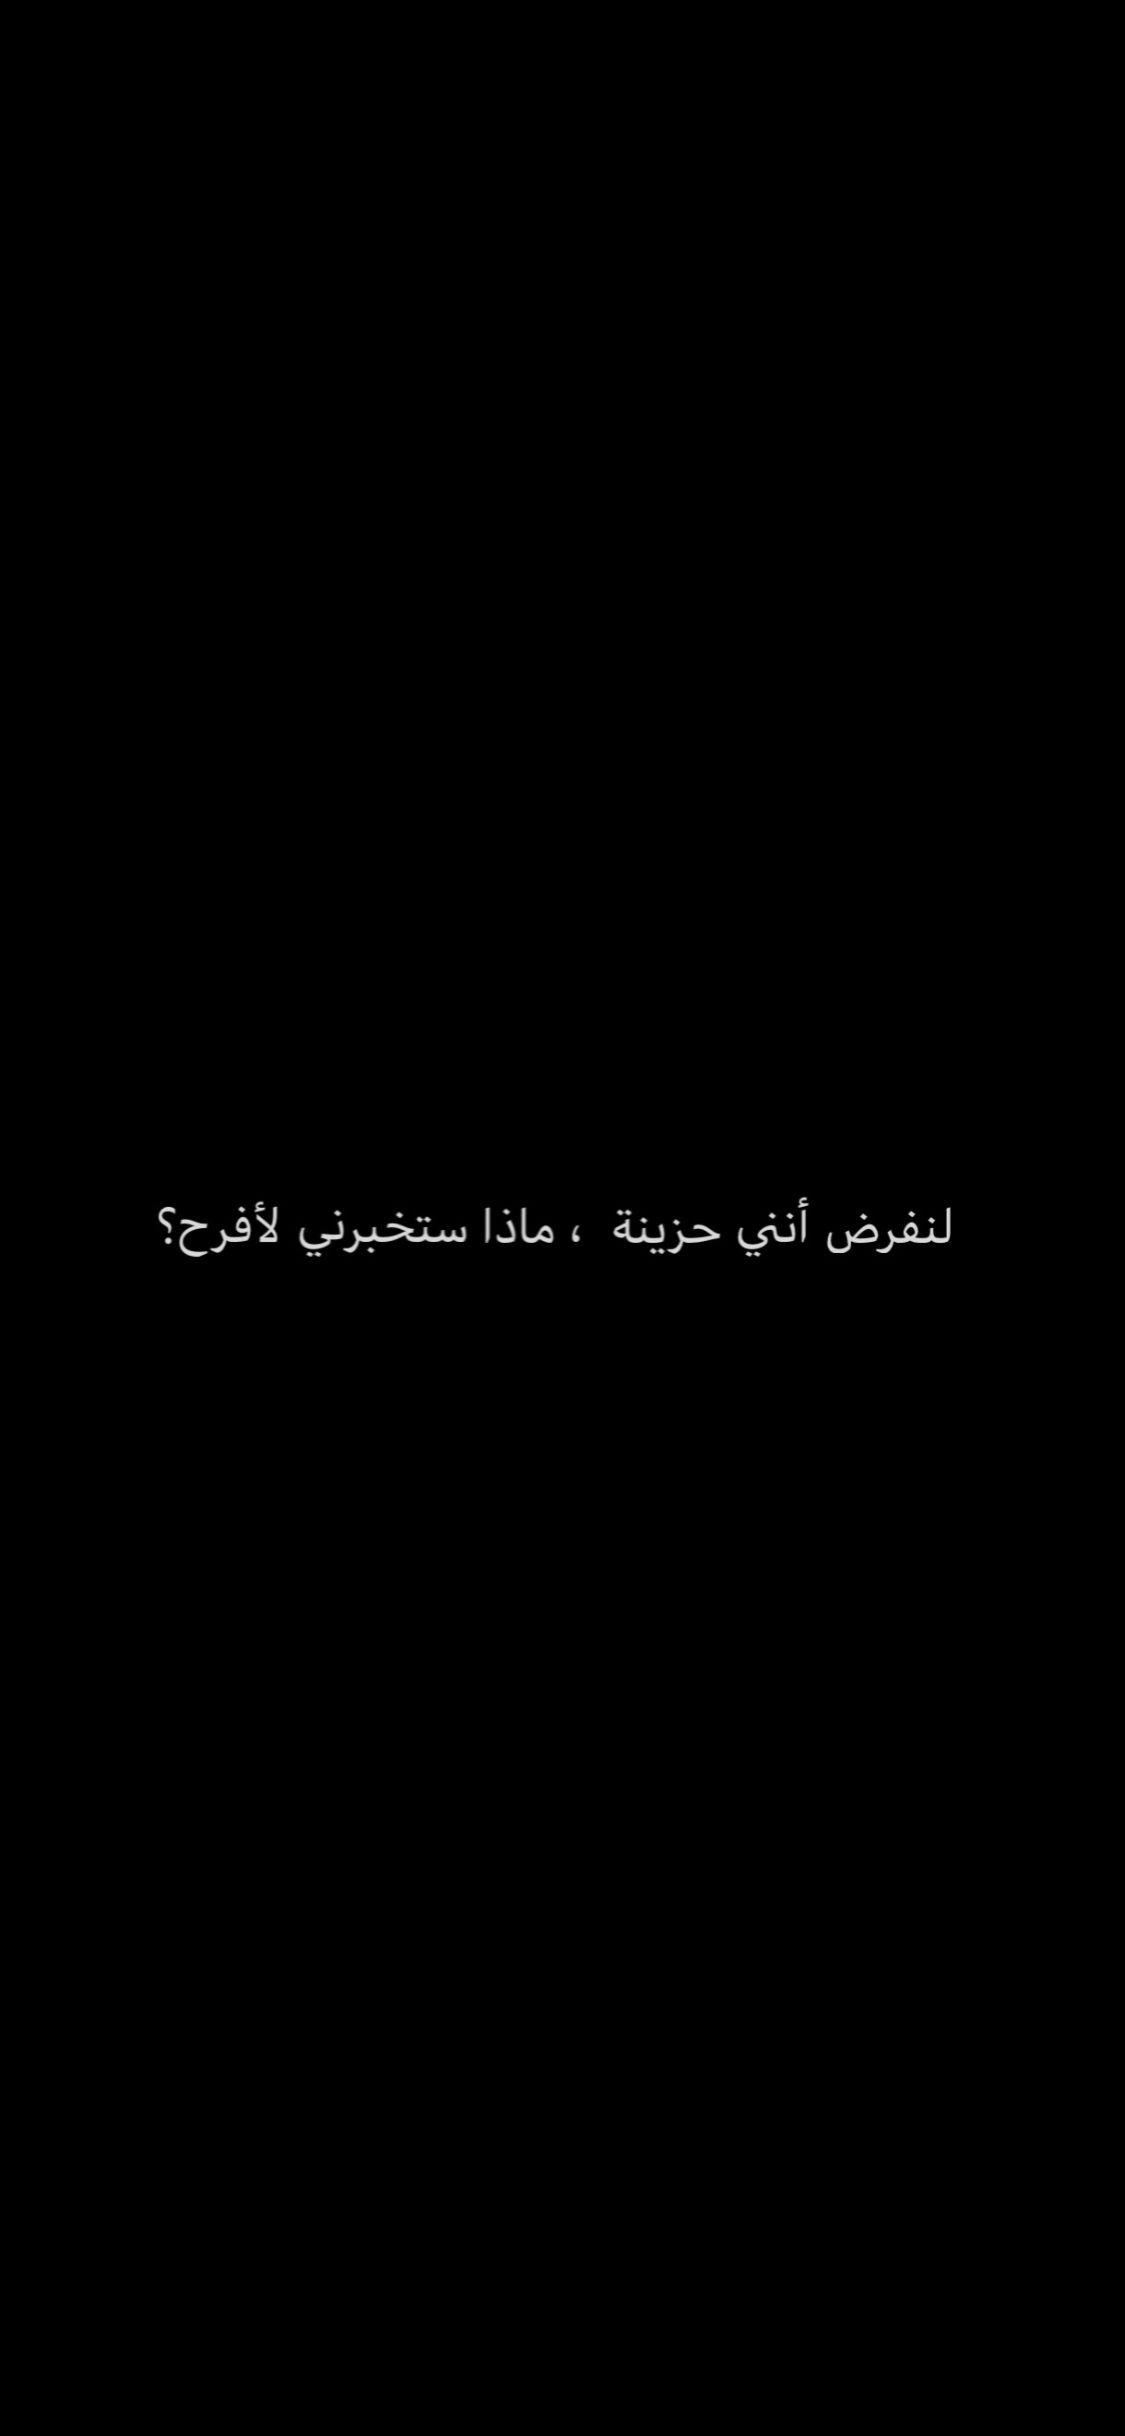 Pin By Just A Dream On س طـر Love Quotes Wallpaper Funny Arabic Quotes Instagram Quotes